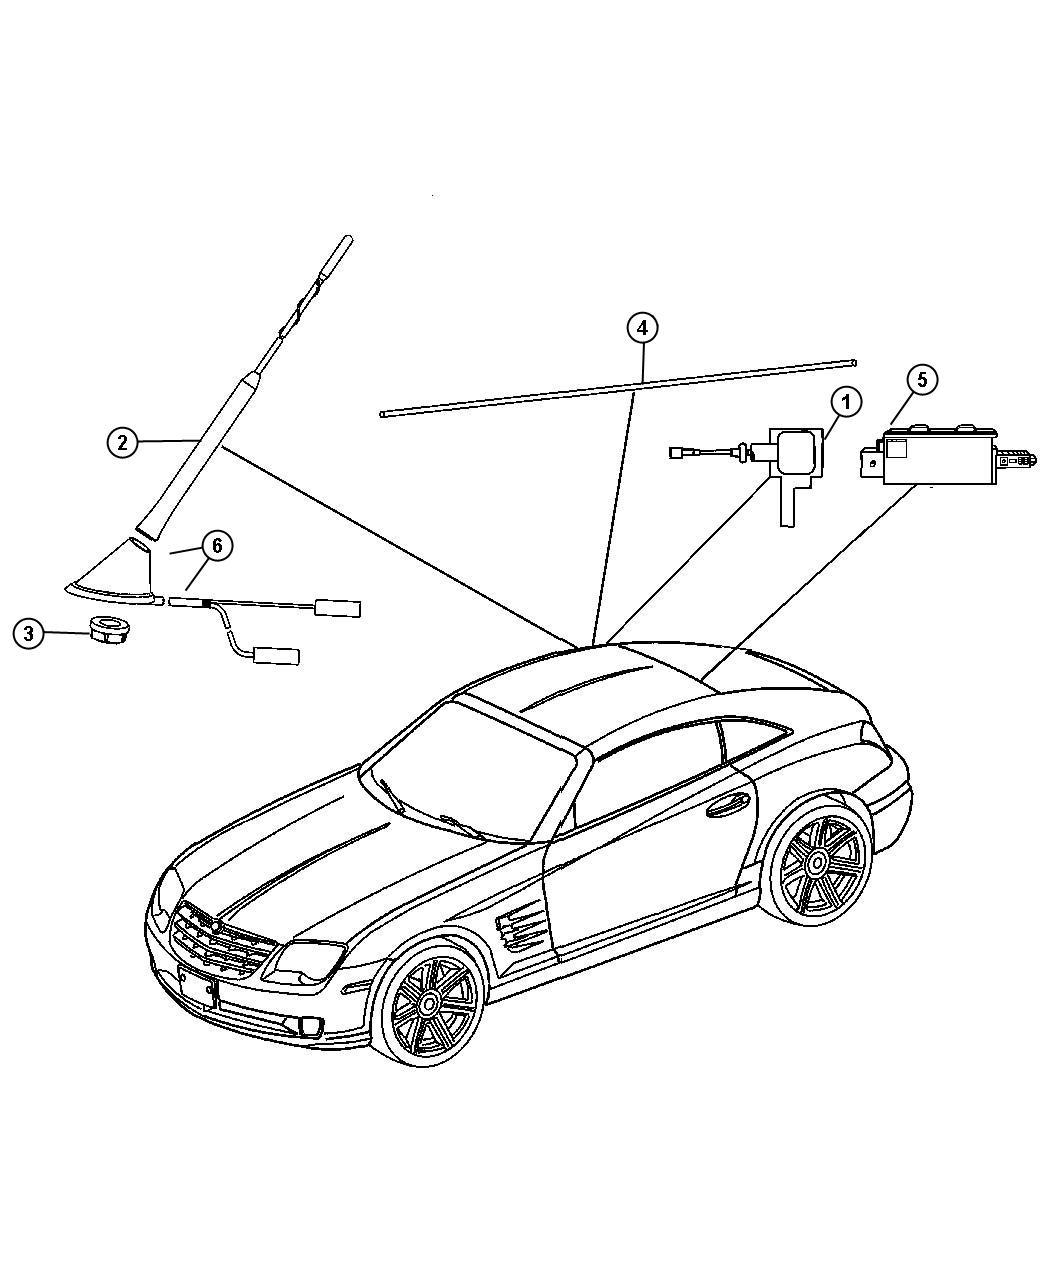 Chrysler Crossfire Base Antenna